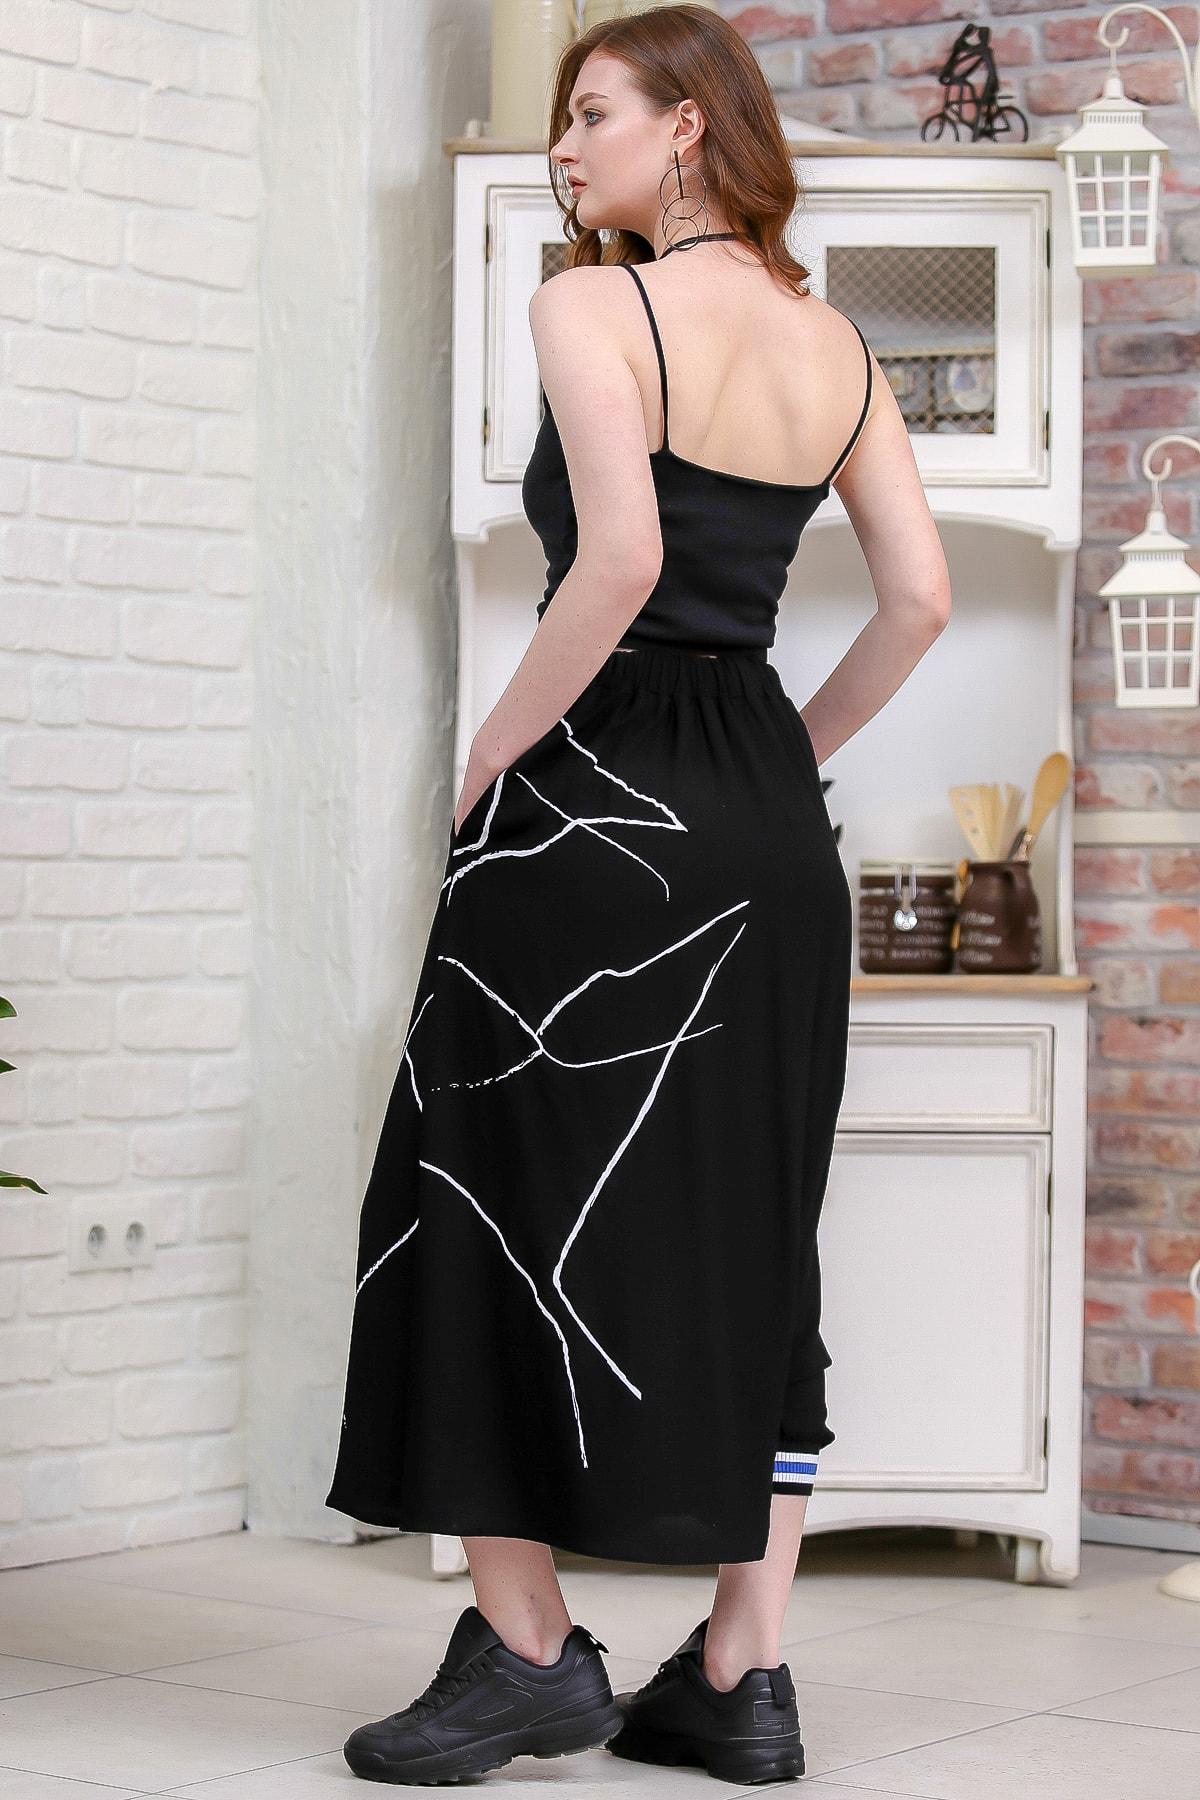 Chiccy Kadın Siyah Tek Paçası Lastik Detaylı Diğeri Açık Çizgisel Baskılı Şalvar Pantolon  M10060000PN99192 4